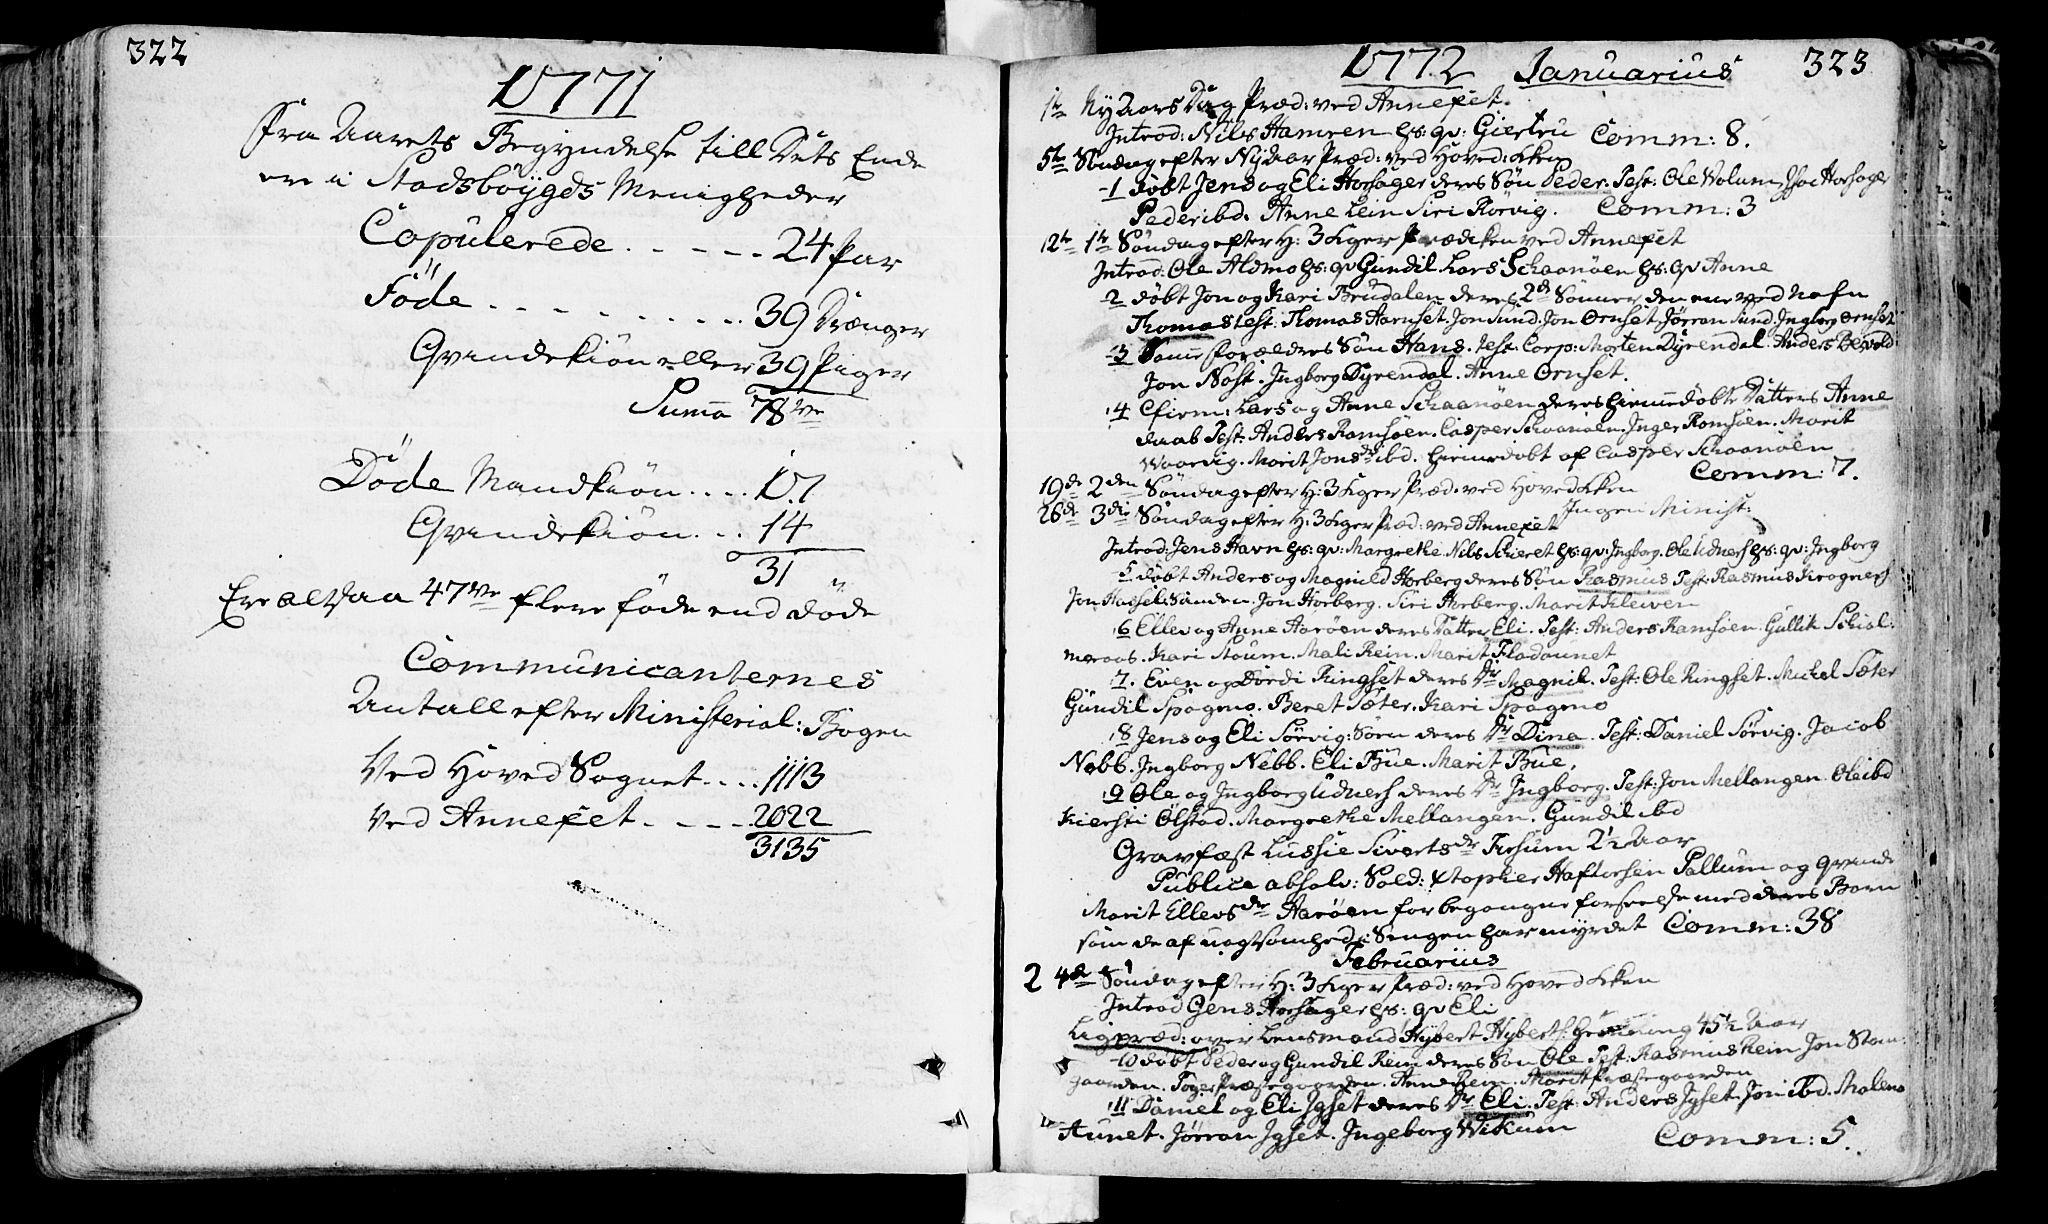 SAT, Ministerialprotokoller, klokkerbøker og fødselsregistre - Sør-Trøndelag, 646/L0605: Ministerialbok nr. 646A03, 1751-1790, s. 322-323